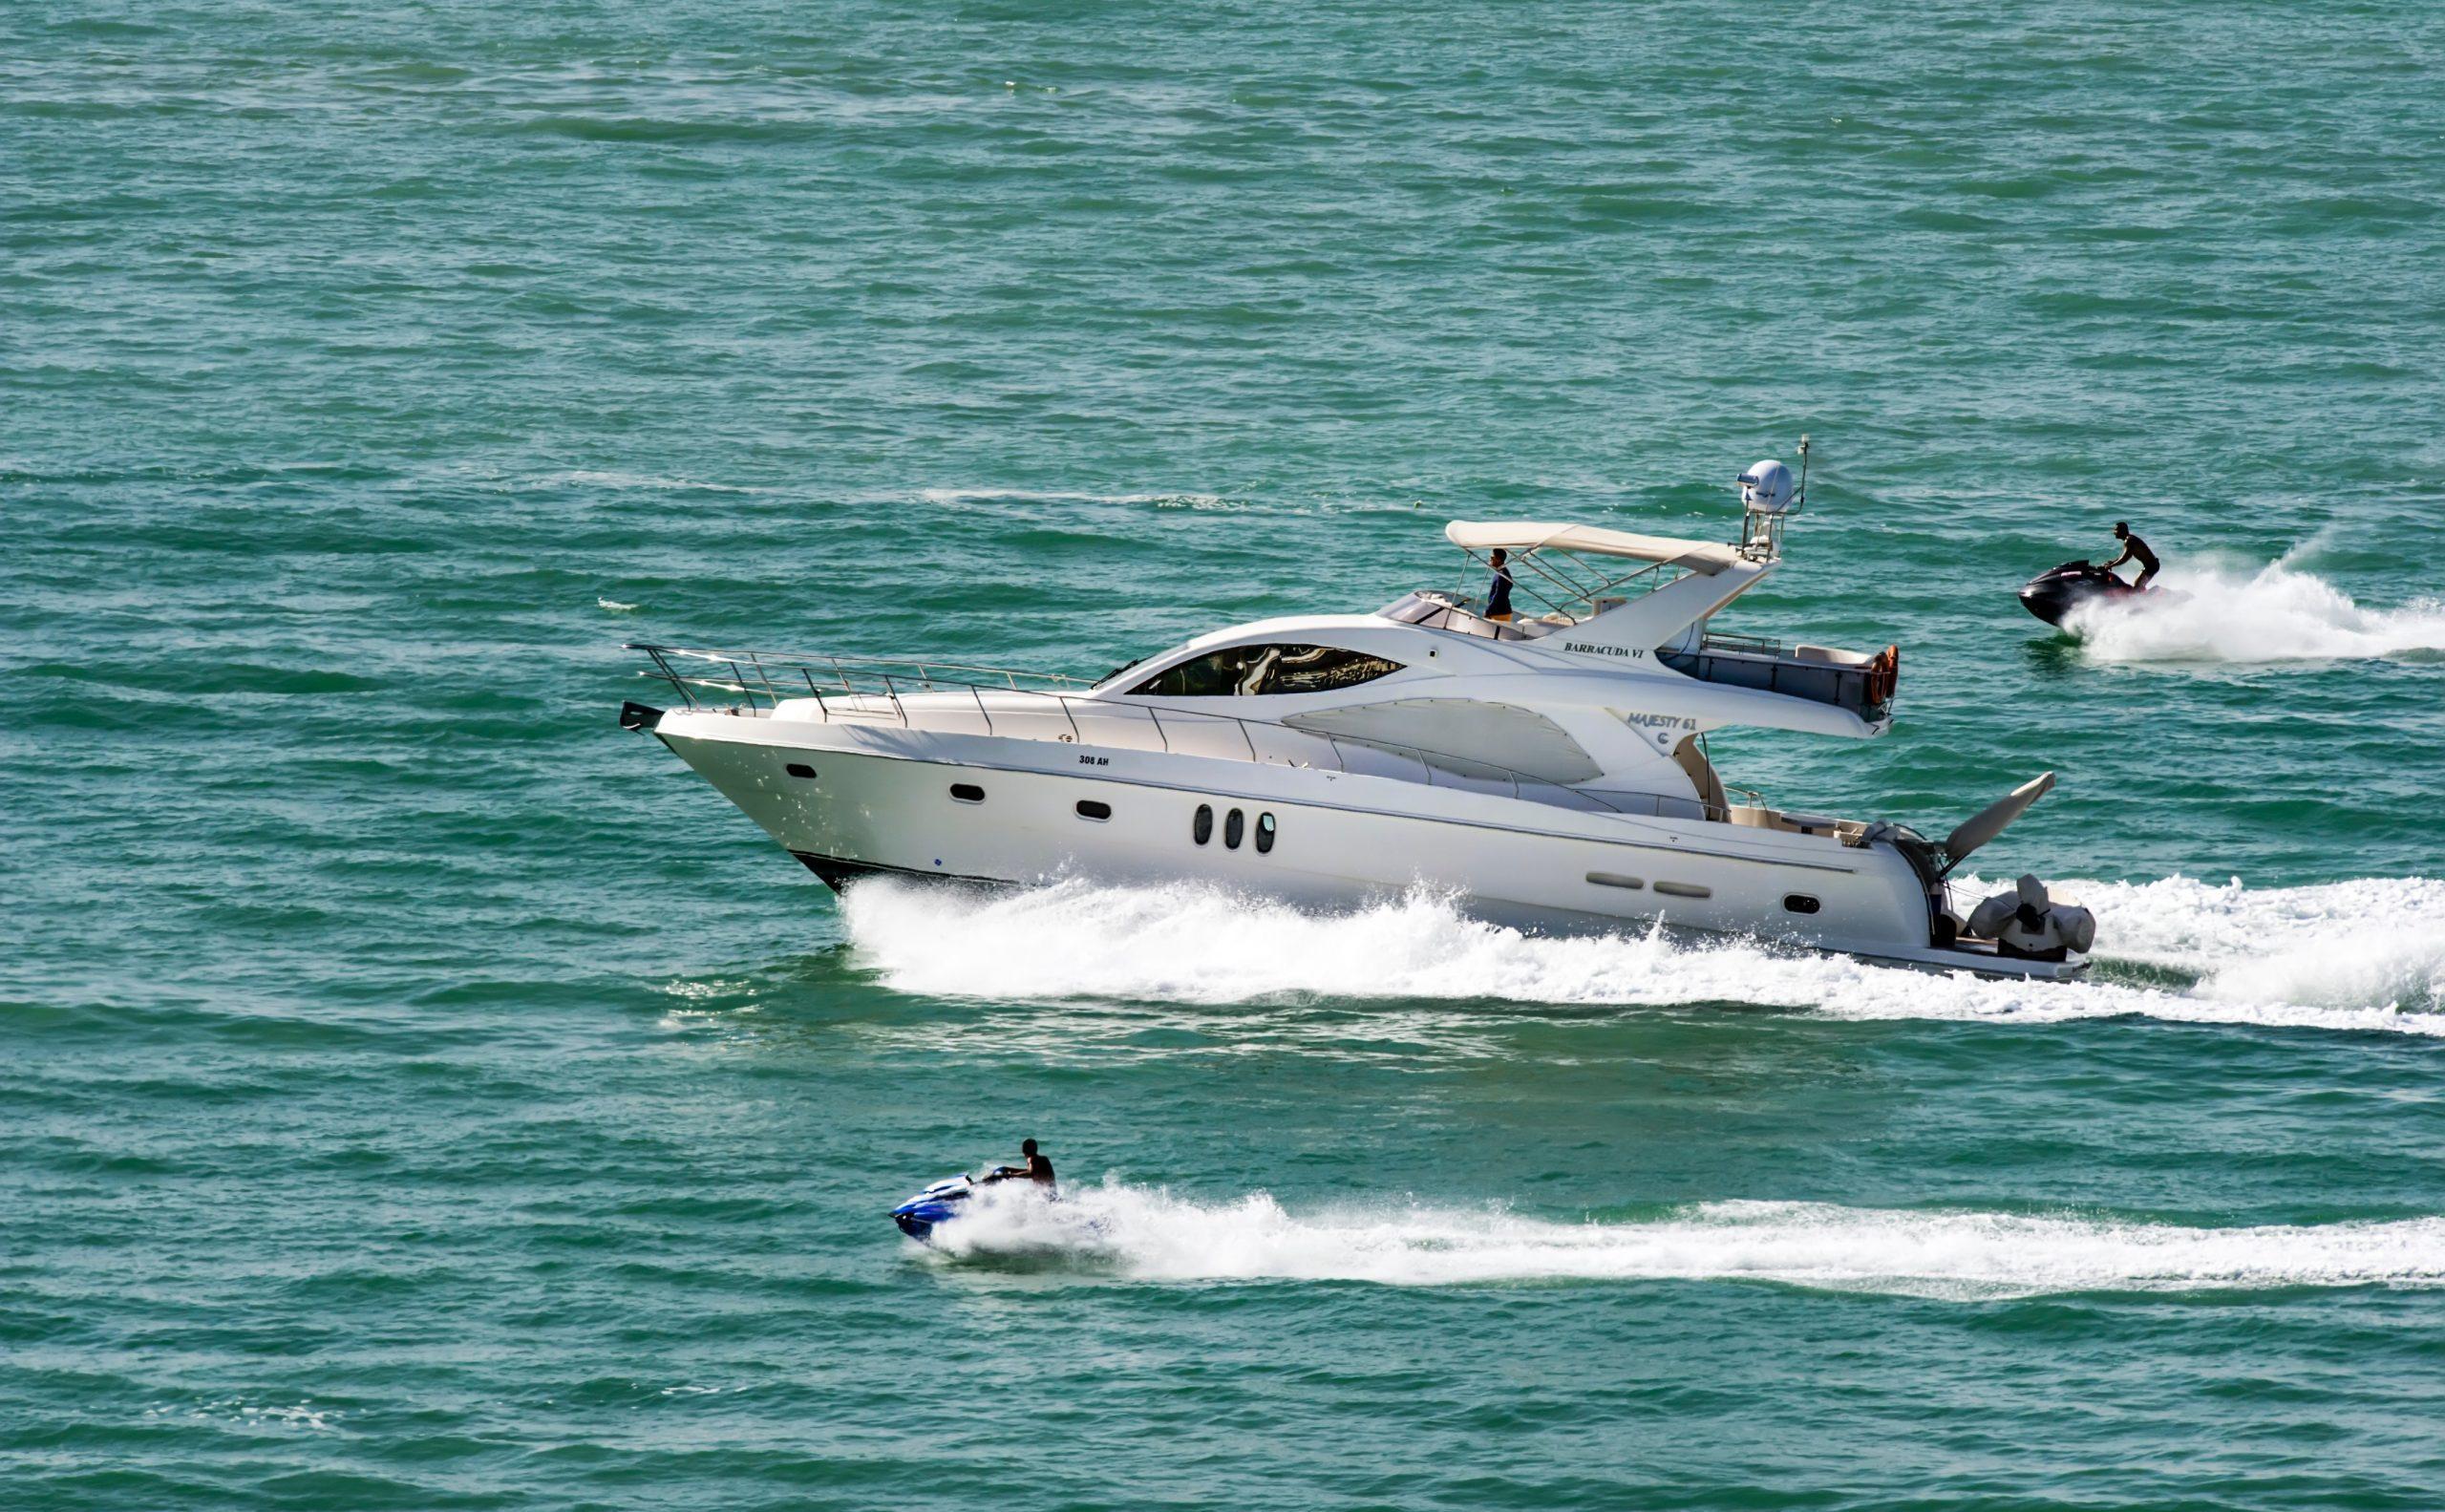 action-boat-jetski-leisure-625418